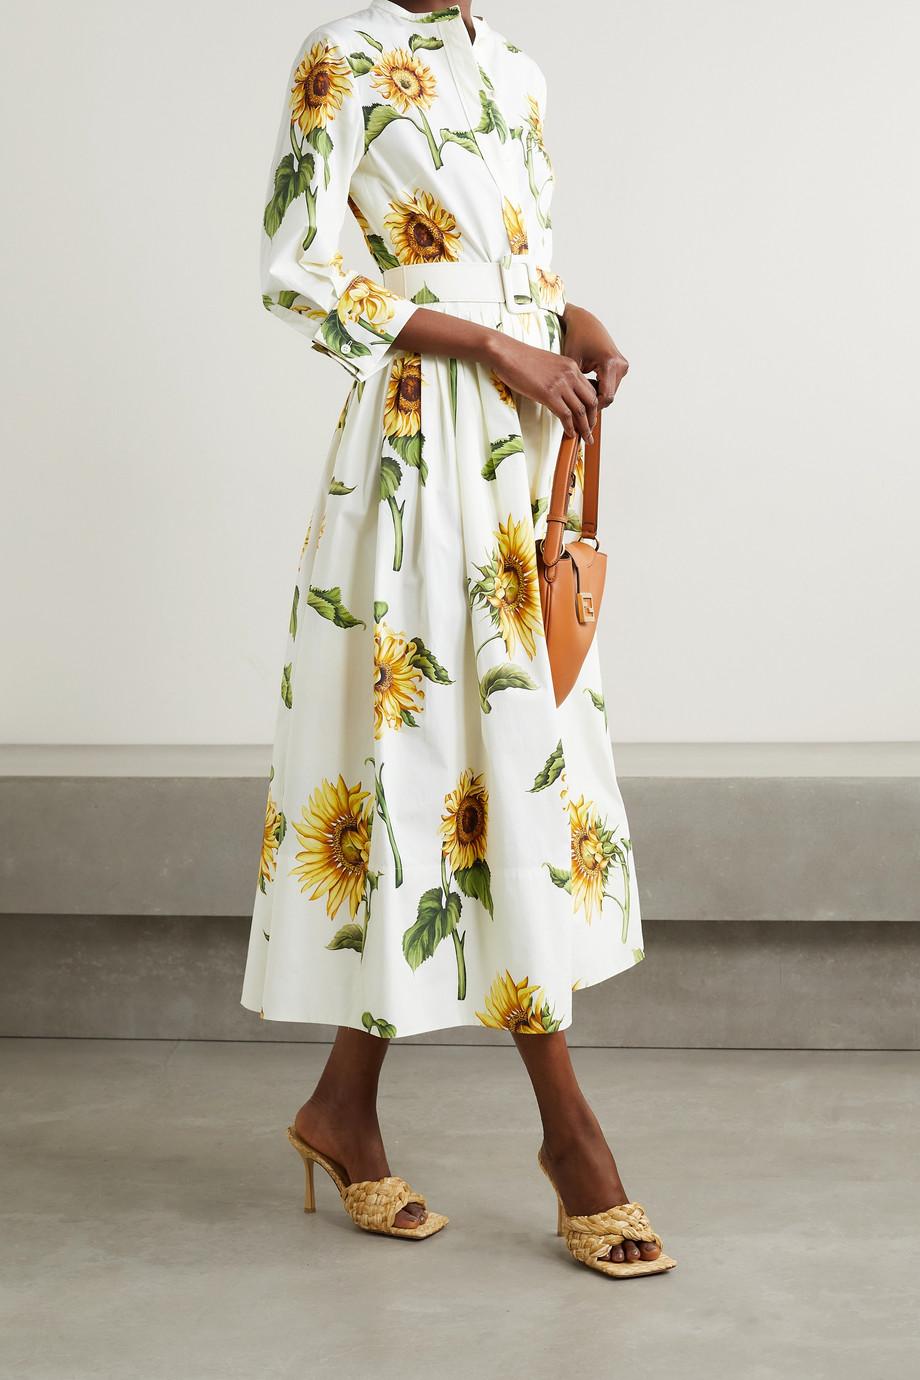 Oscar de la Renta Hemdblusenkleid aus Popeline aus einer Baumwollmischung mit Blumenprint und Gürtel